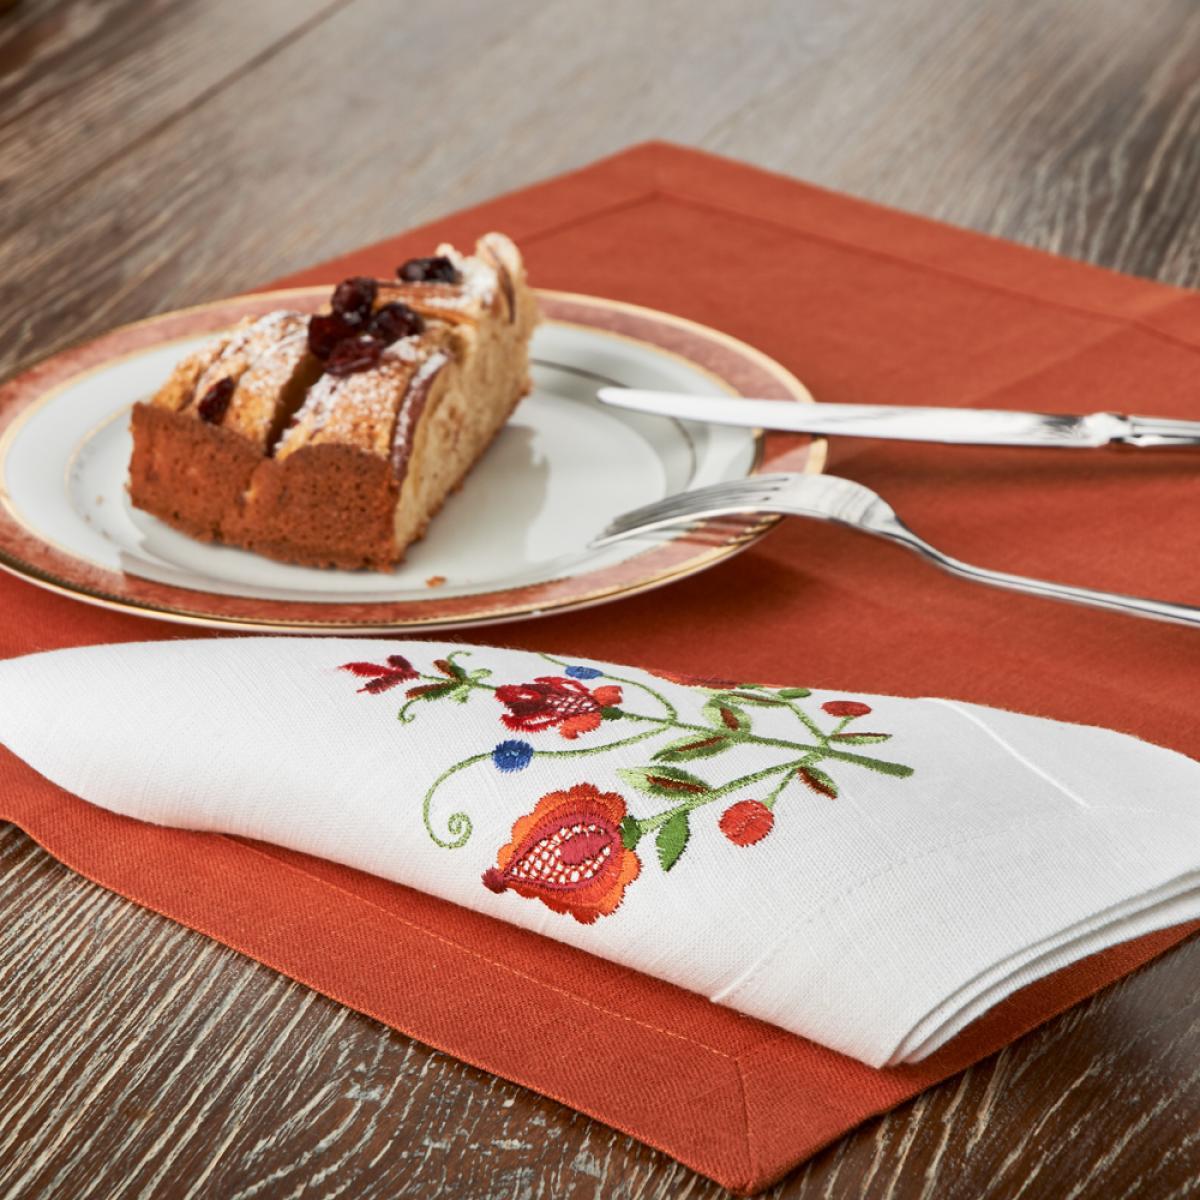 Біла Лляна серветка на стіл Дерево життя 40*40. Фото №5.   Народний дім Україна